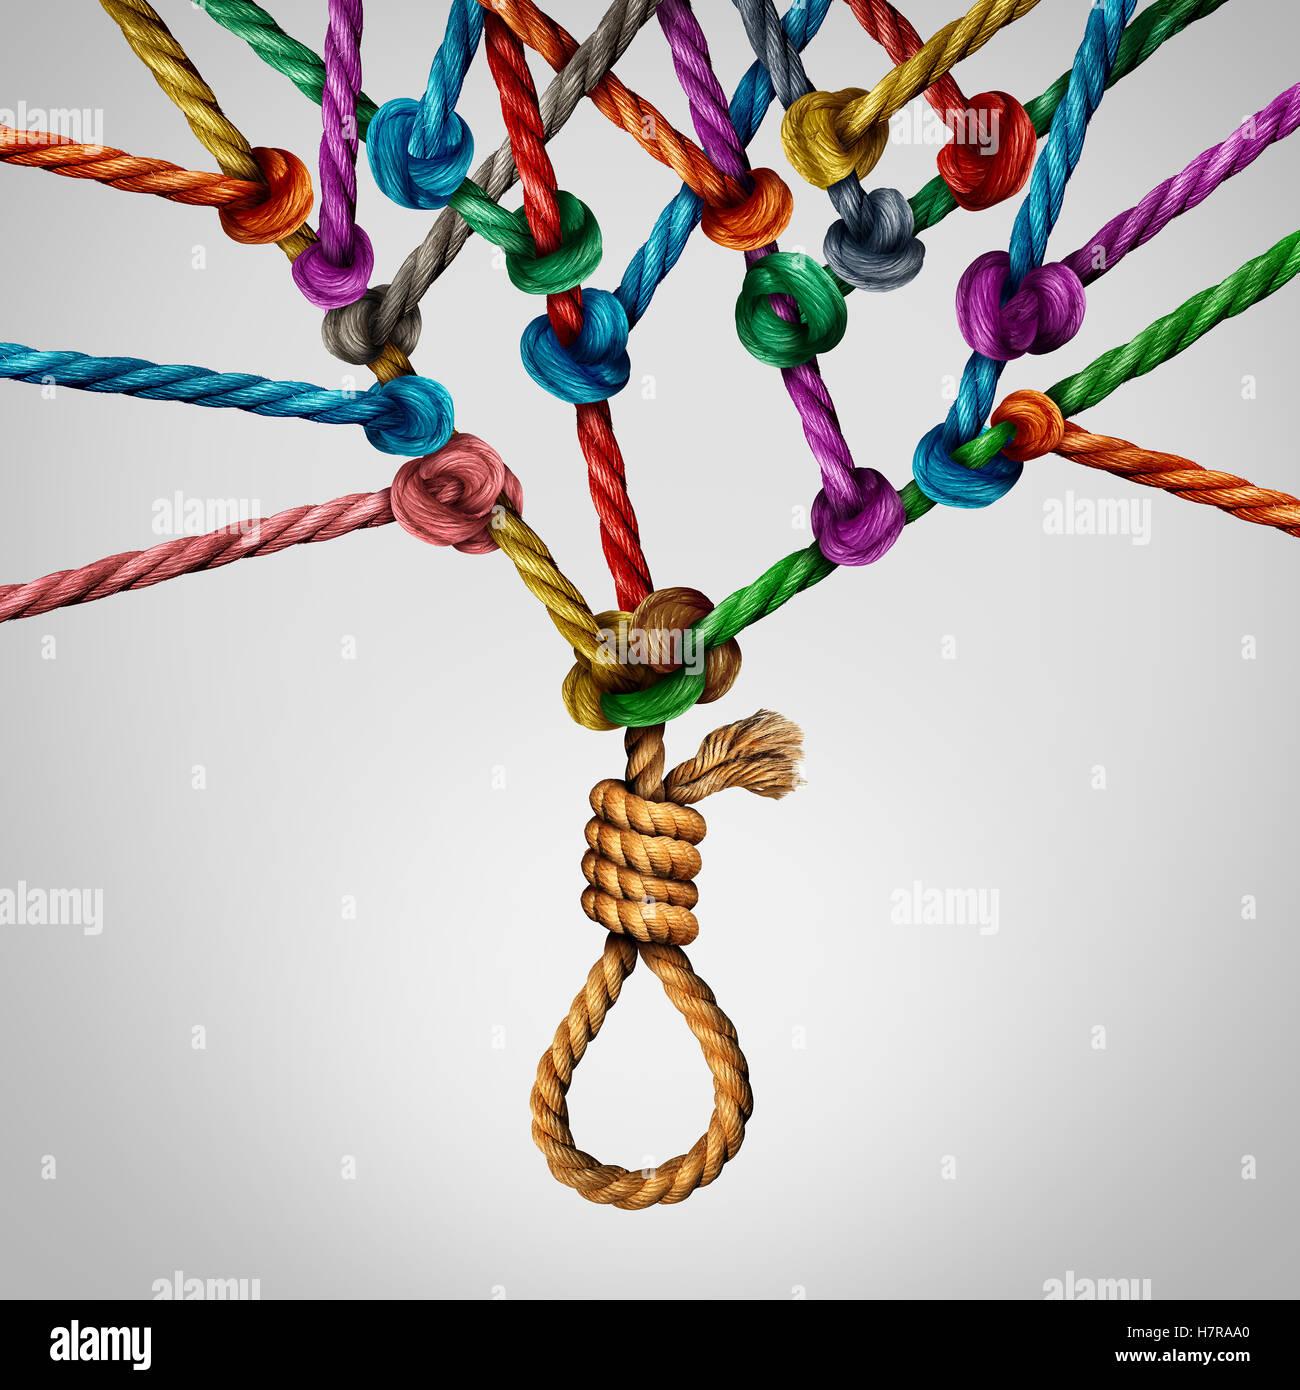 Sozialen Selbstmord Konzept als Soziologie Metapher für Masse oder Herde Mentalität und Gruppe Entscheidungen Stockbild